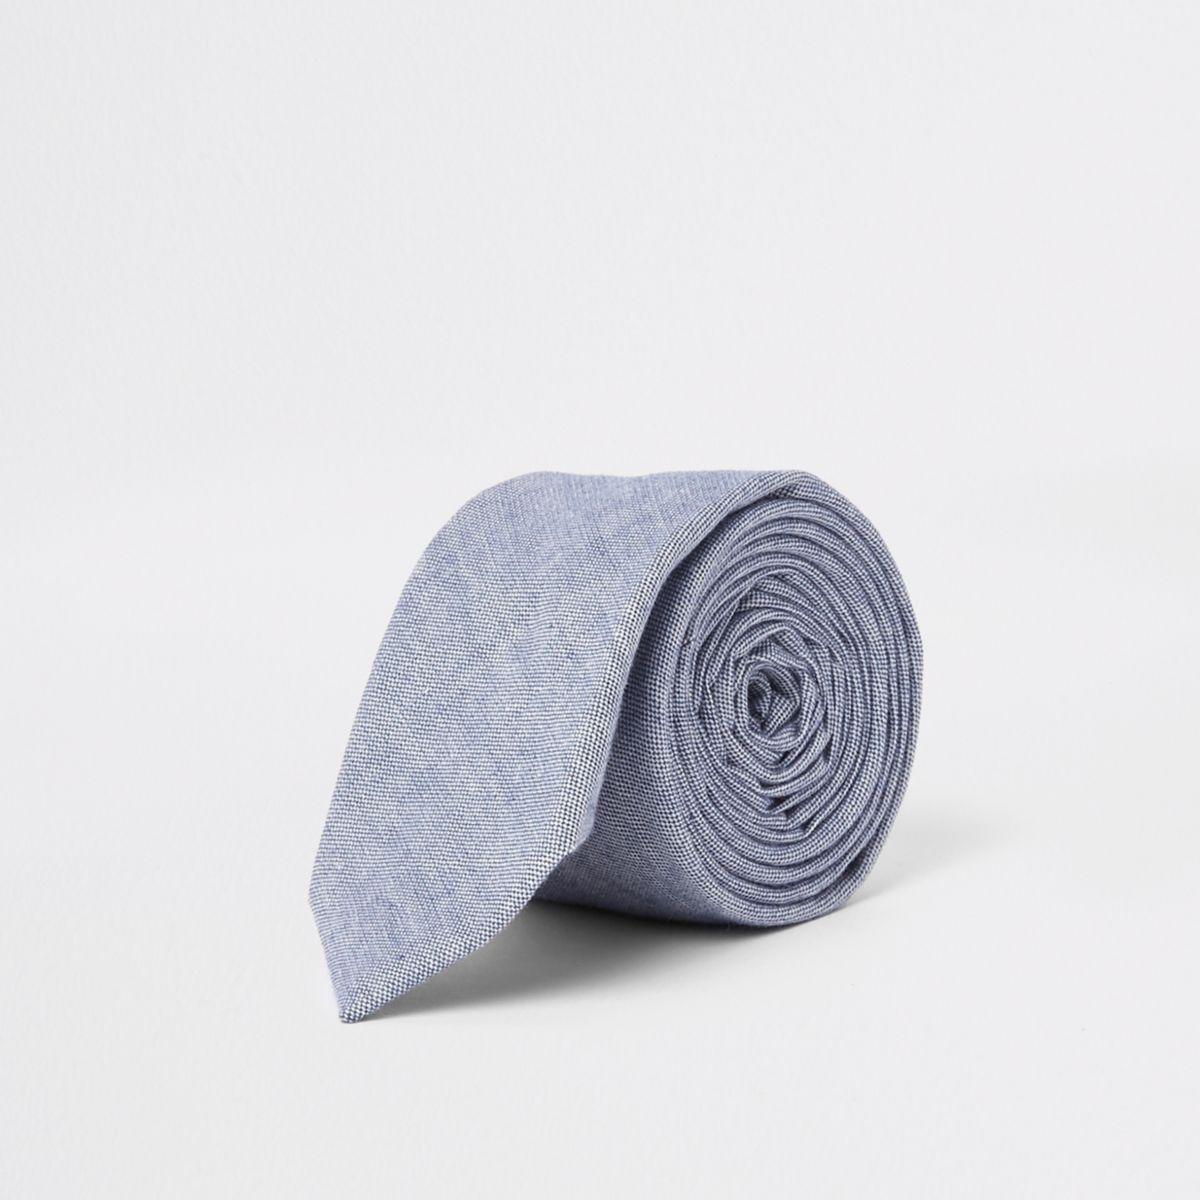 Blaue, strukturierte Krawatte